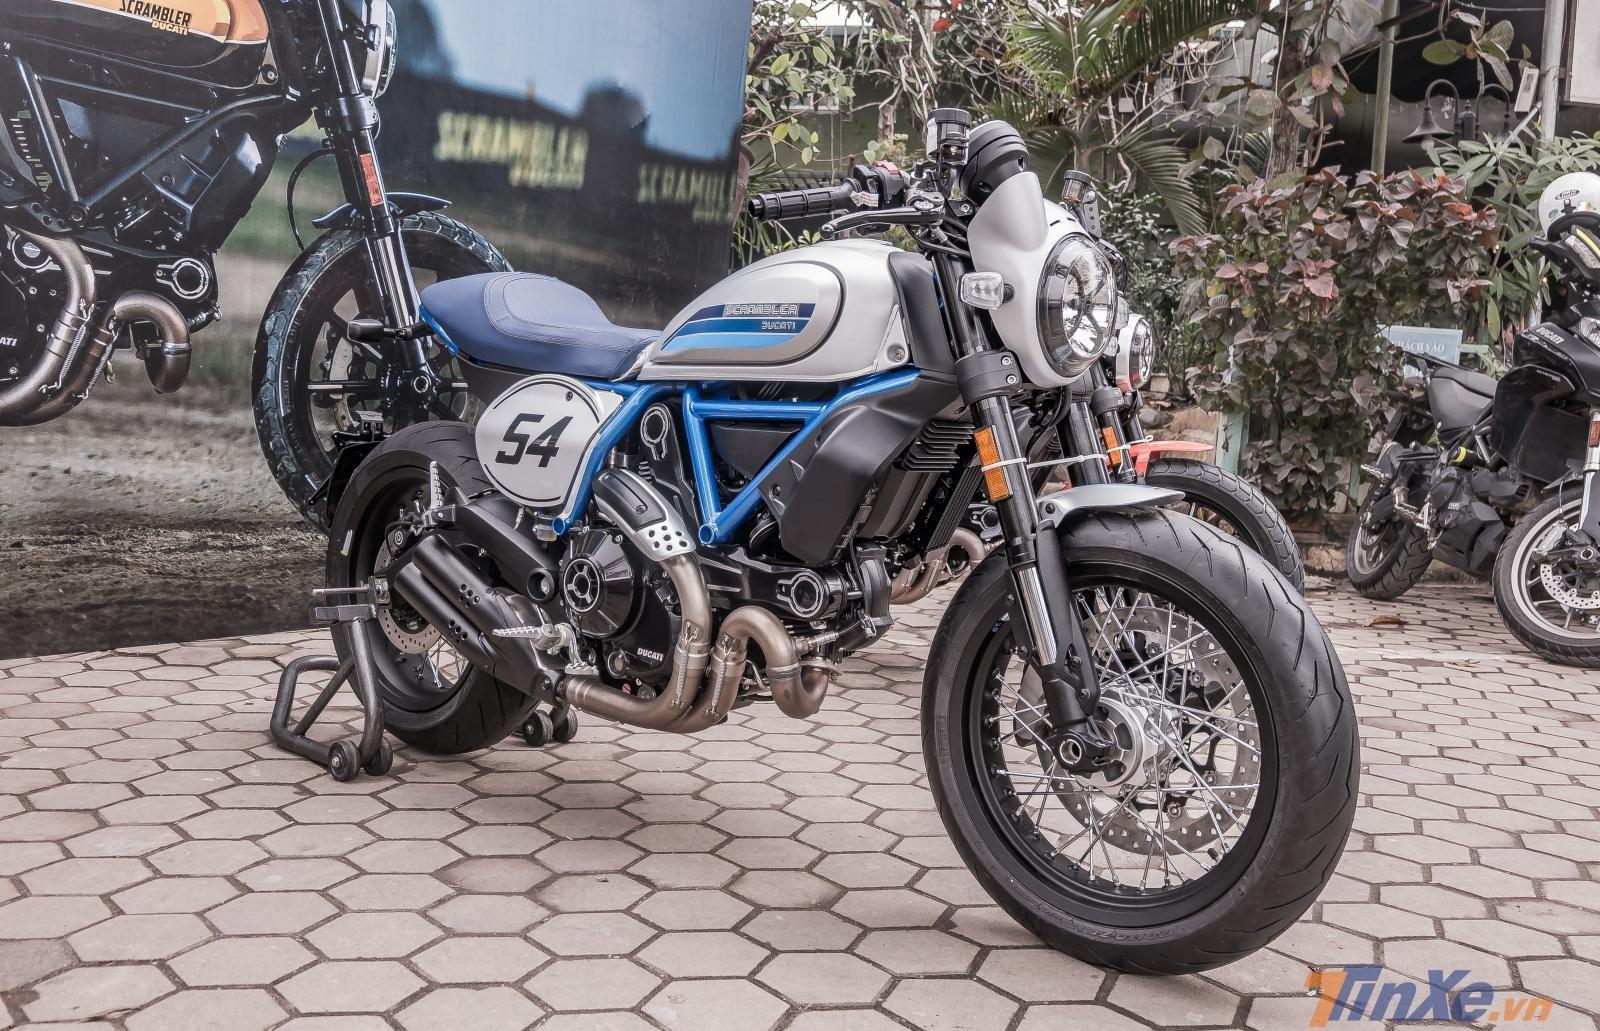 Với màu xanh xám đặc trưng, Ducati Scrambler nổi bật tại sự kiện